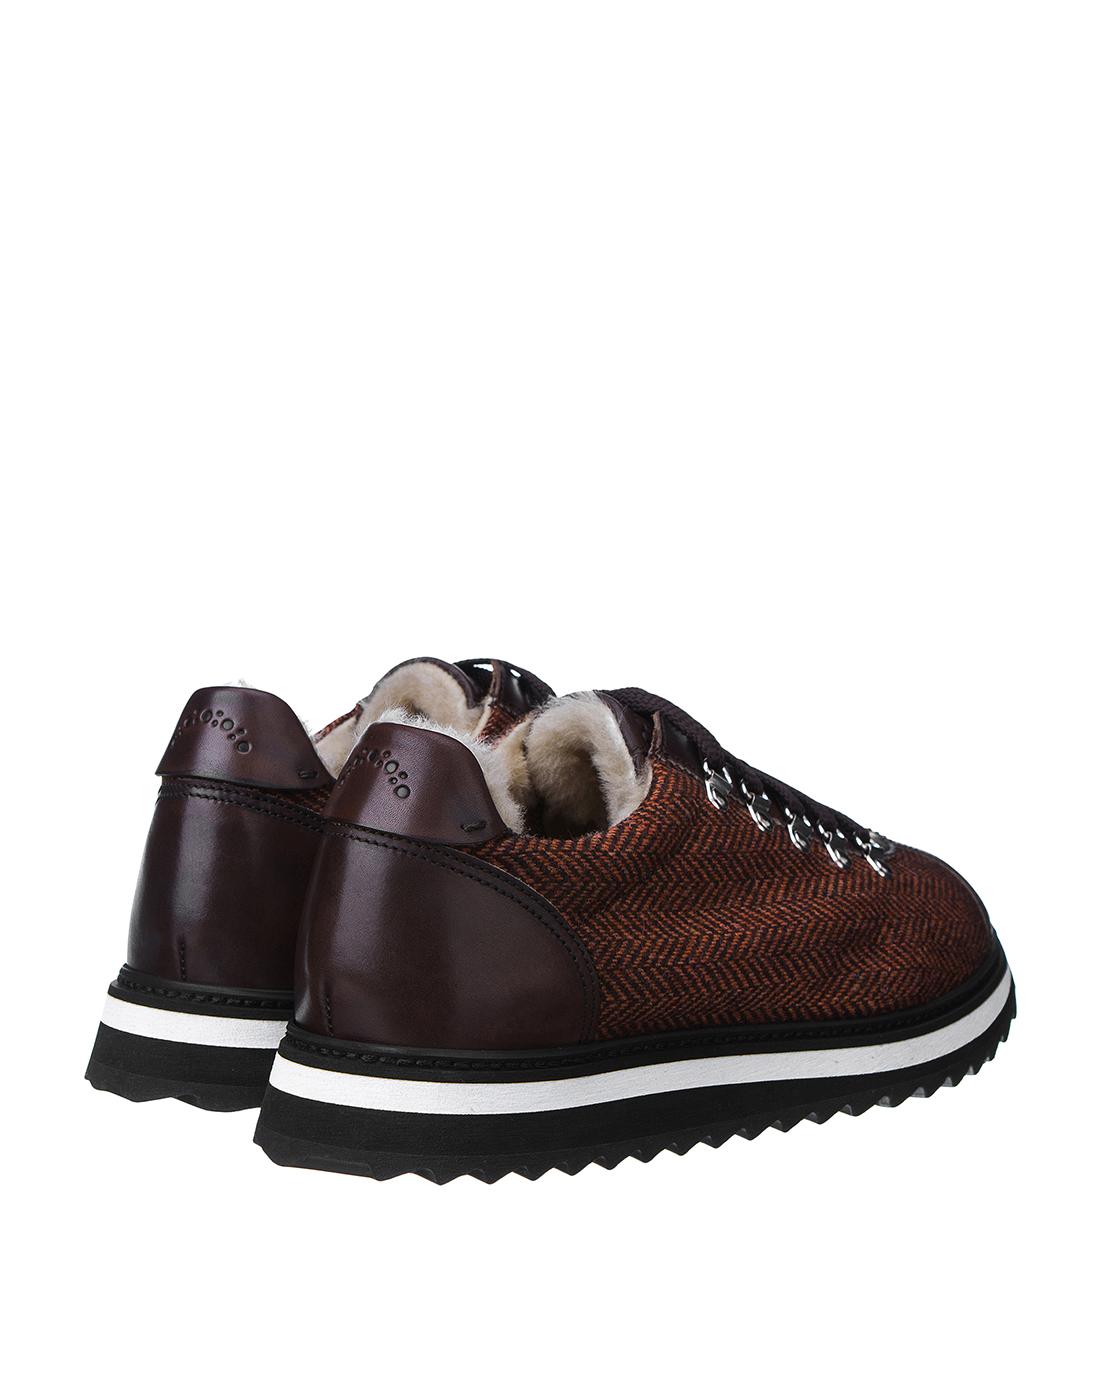 Кроссовки коричневые мужские Doucal's SU2156 03-3